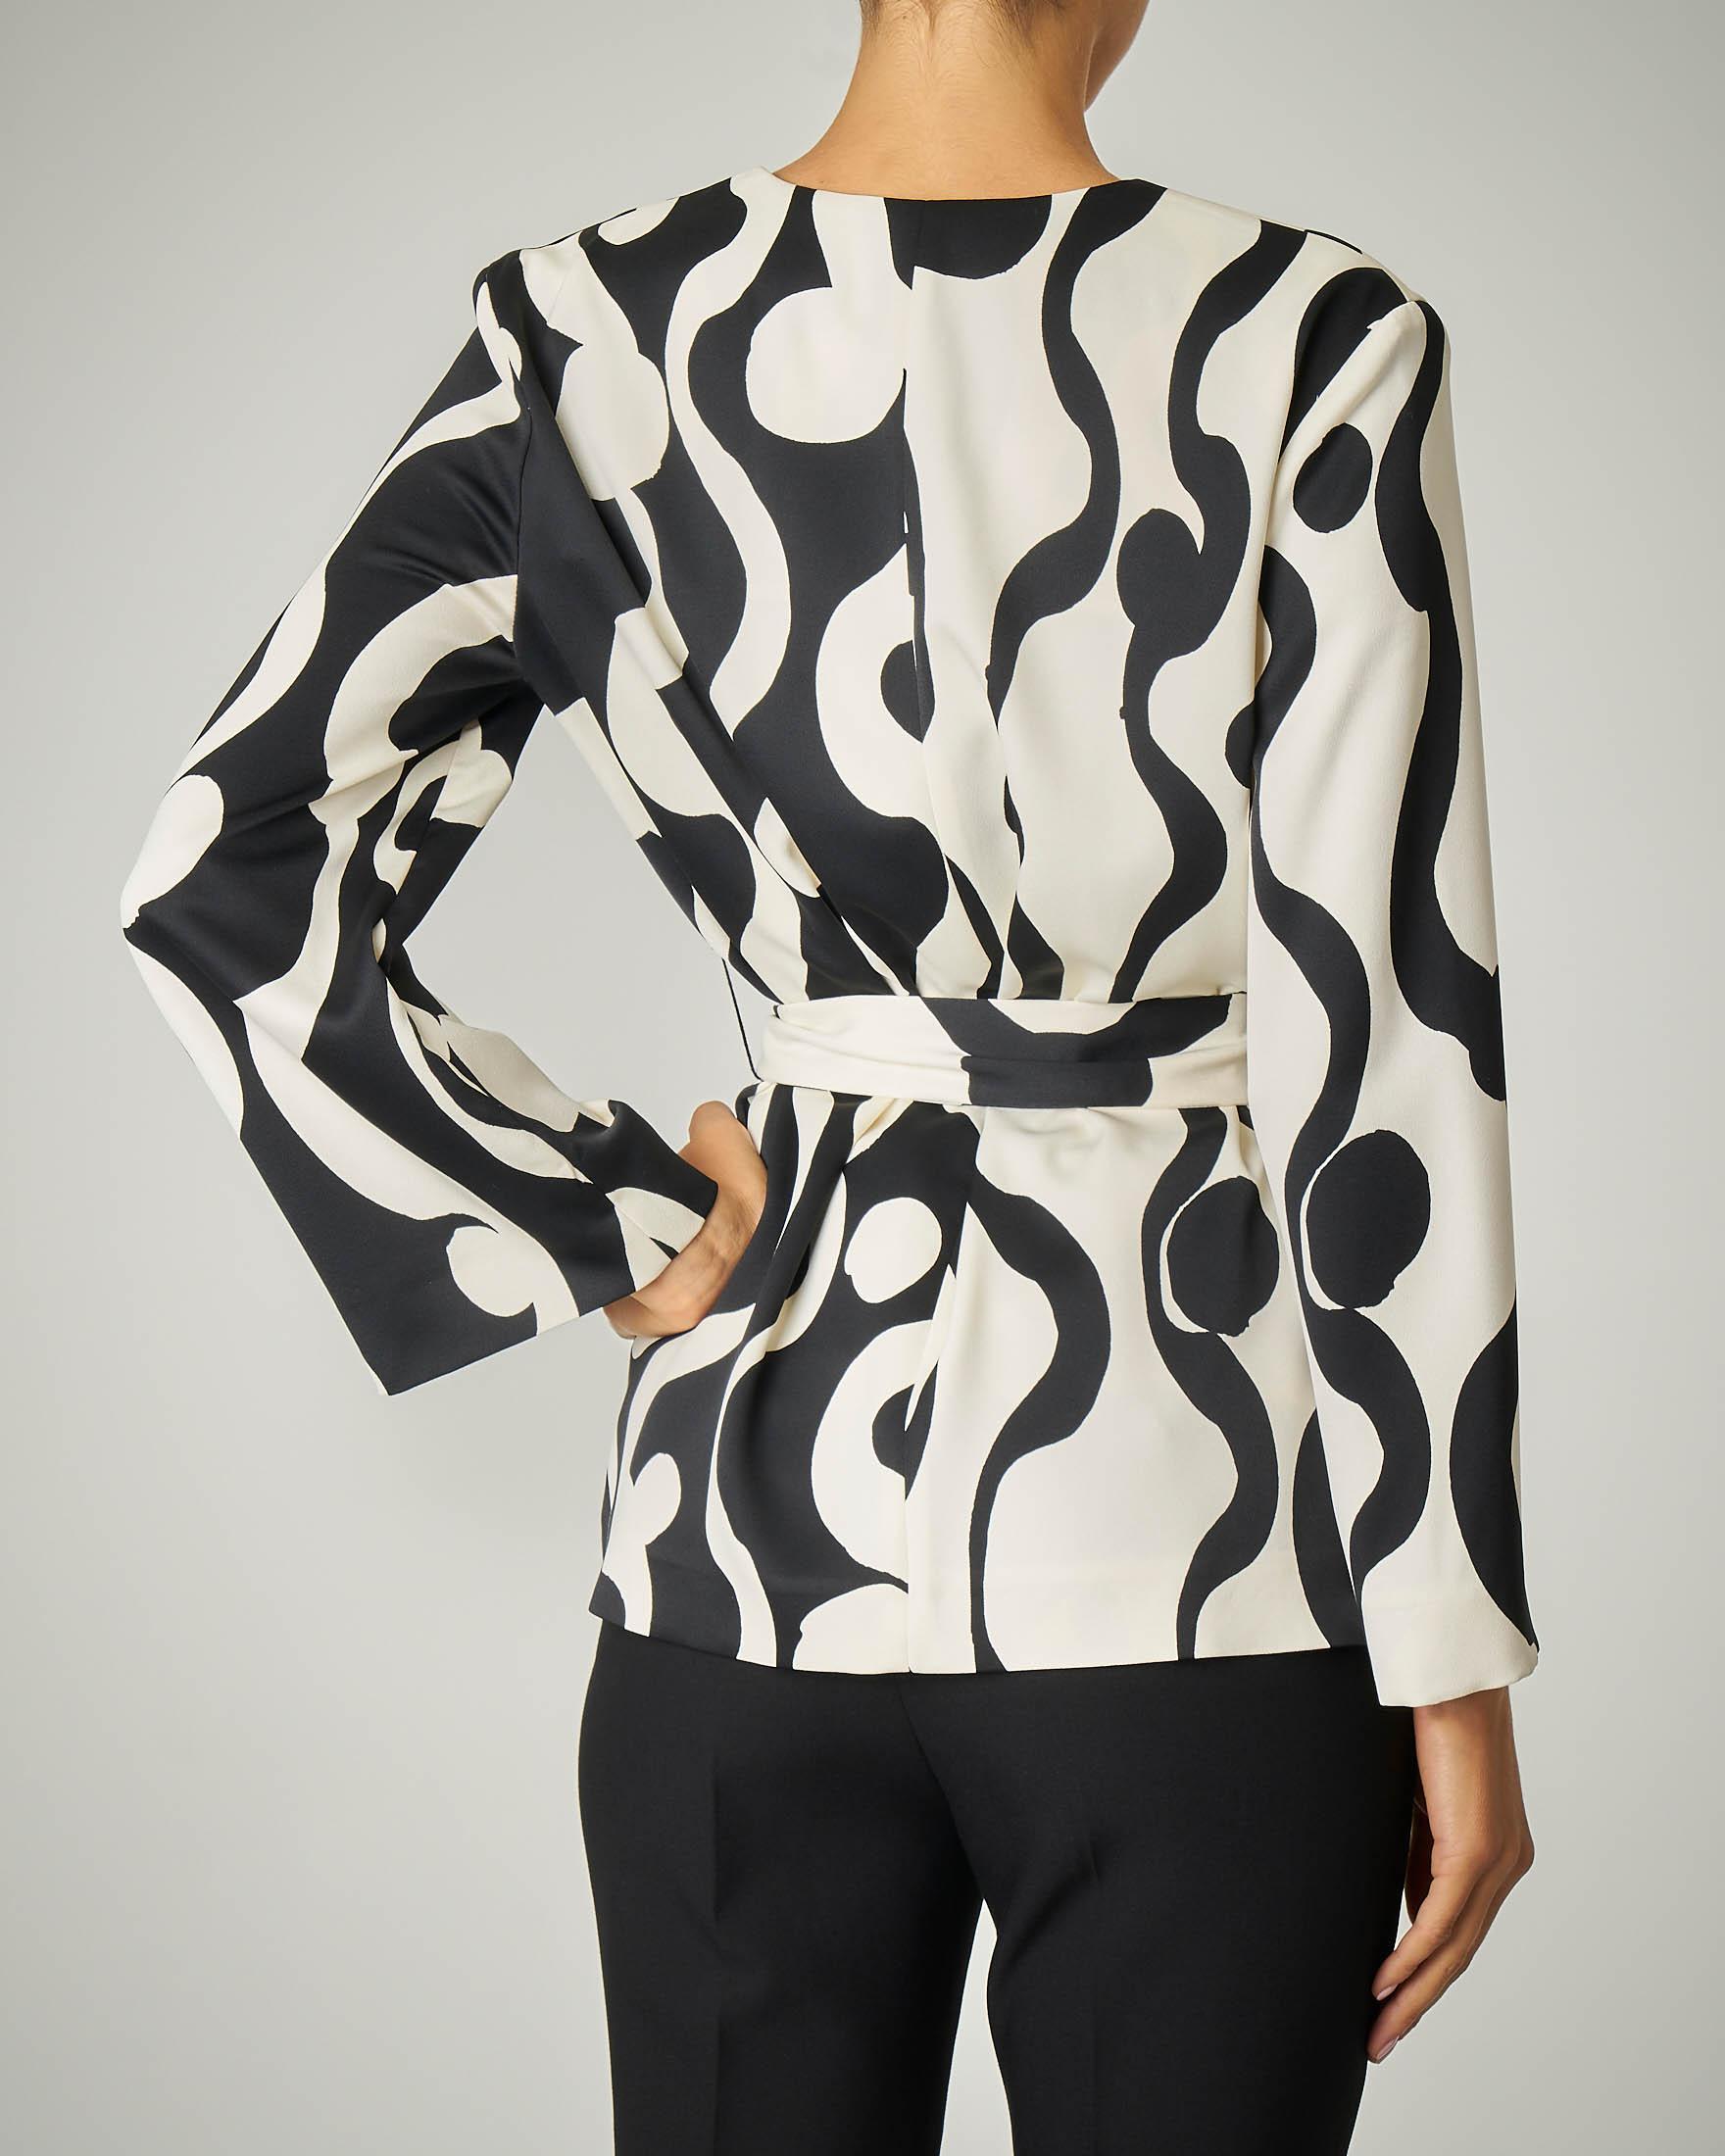 Giacca a kimono a fantasia con disegni colore bianco e nero